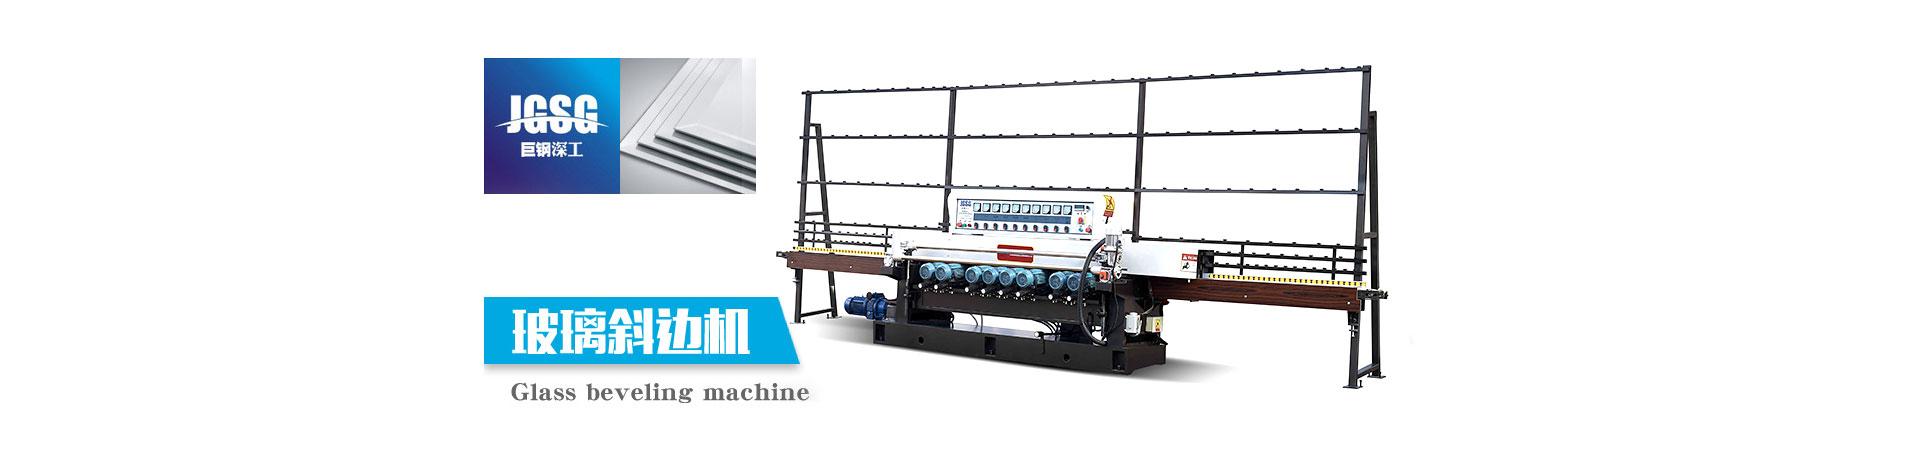 佛山市顺德区巨钢深工beplay官方授权机械有限公司企业形象图片